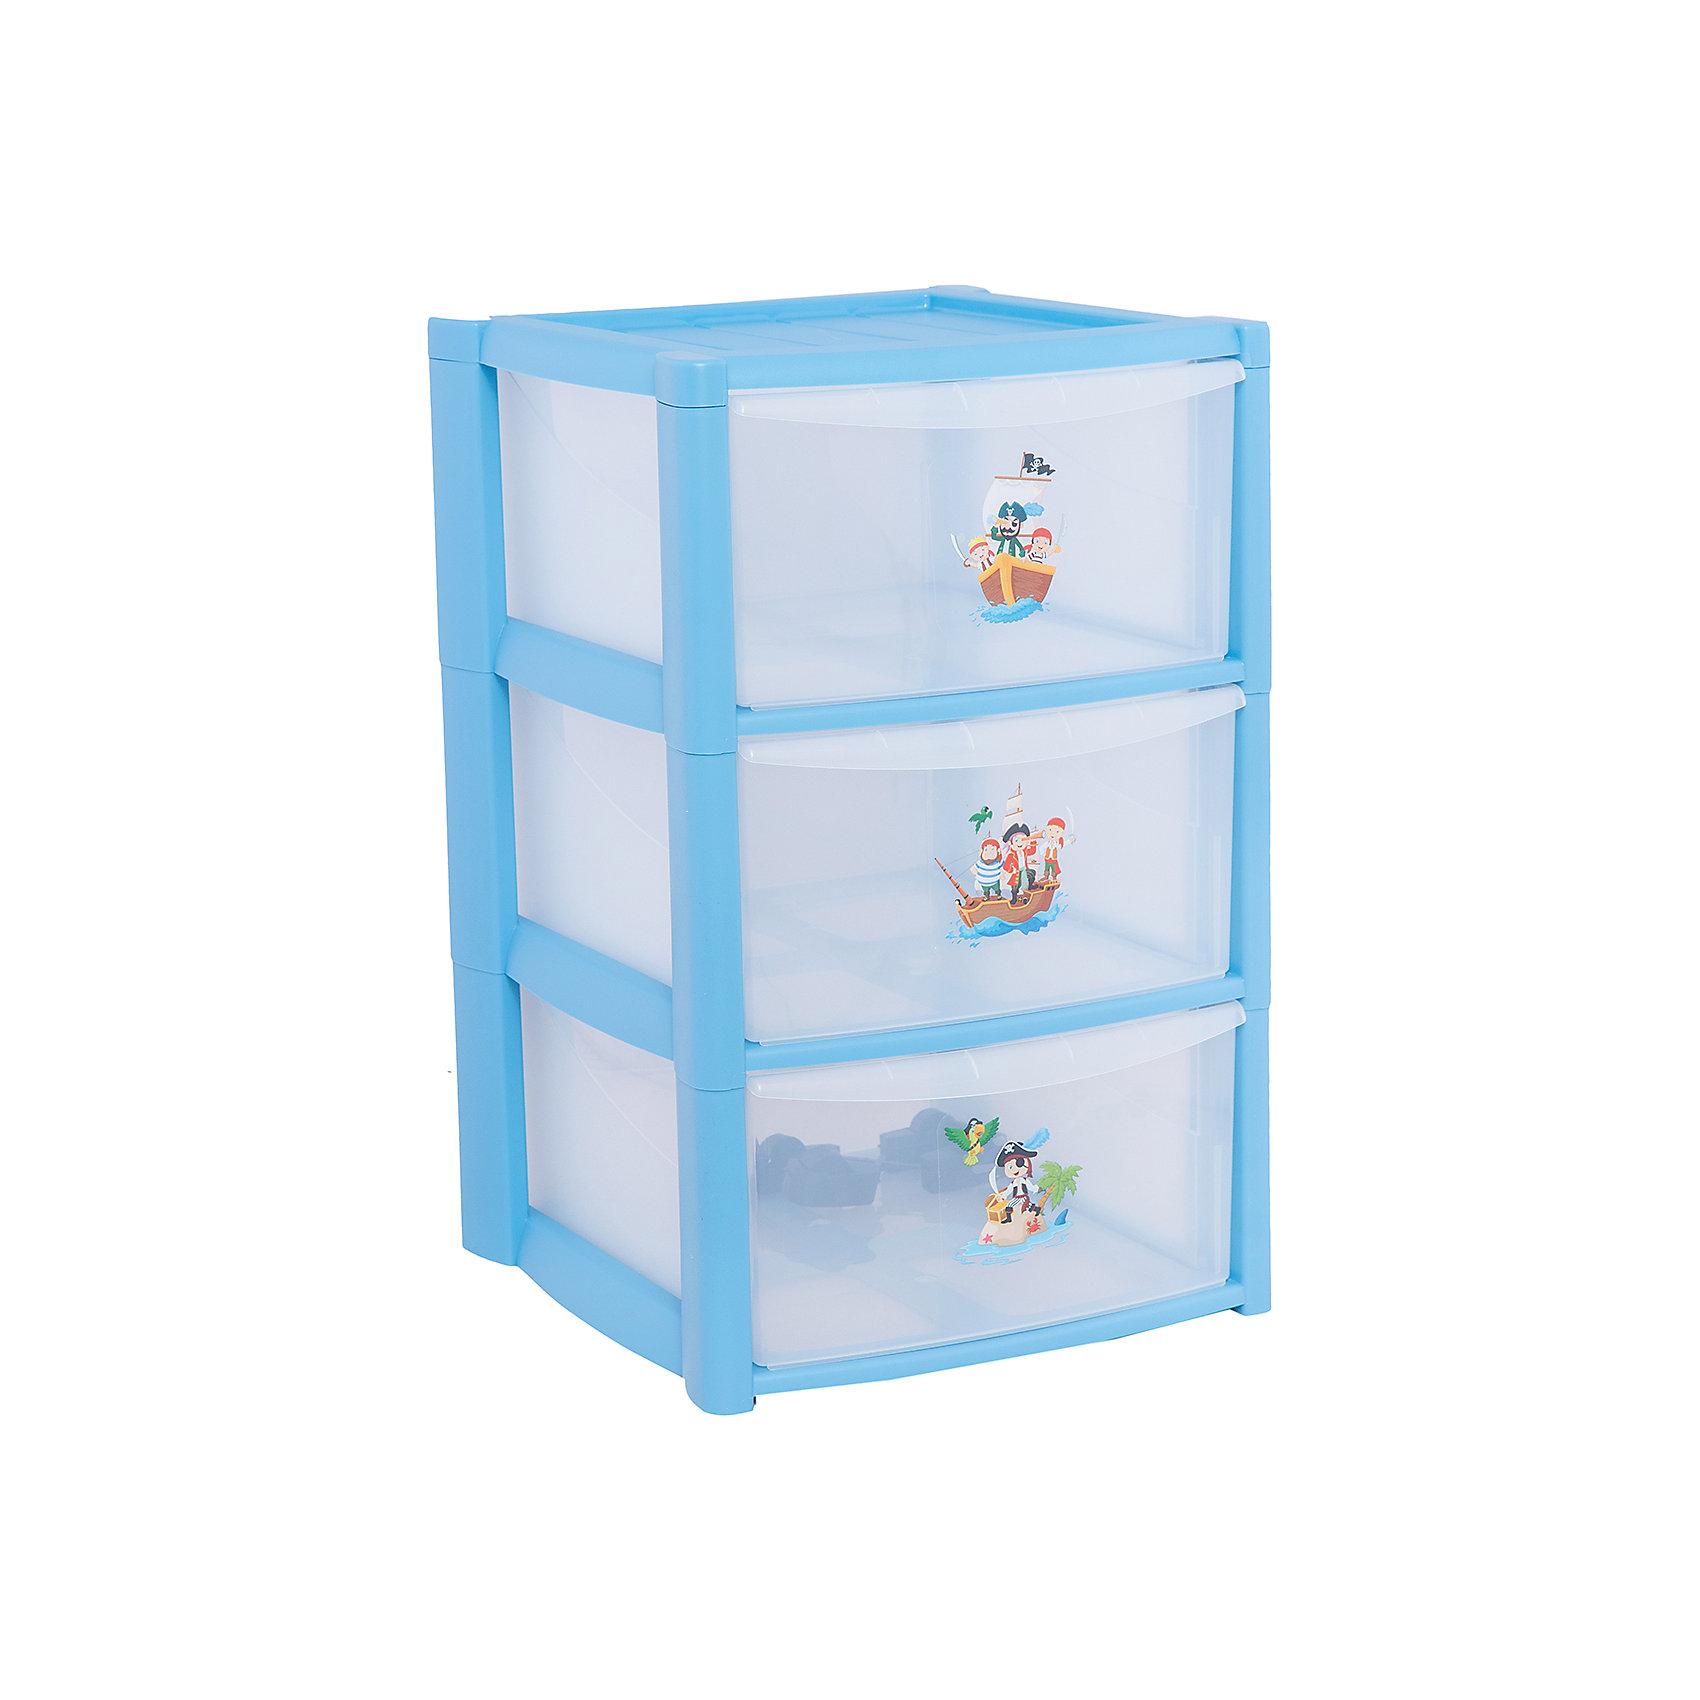 Пластиковый комод на колесах Пираты, 3 ящика, голубой